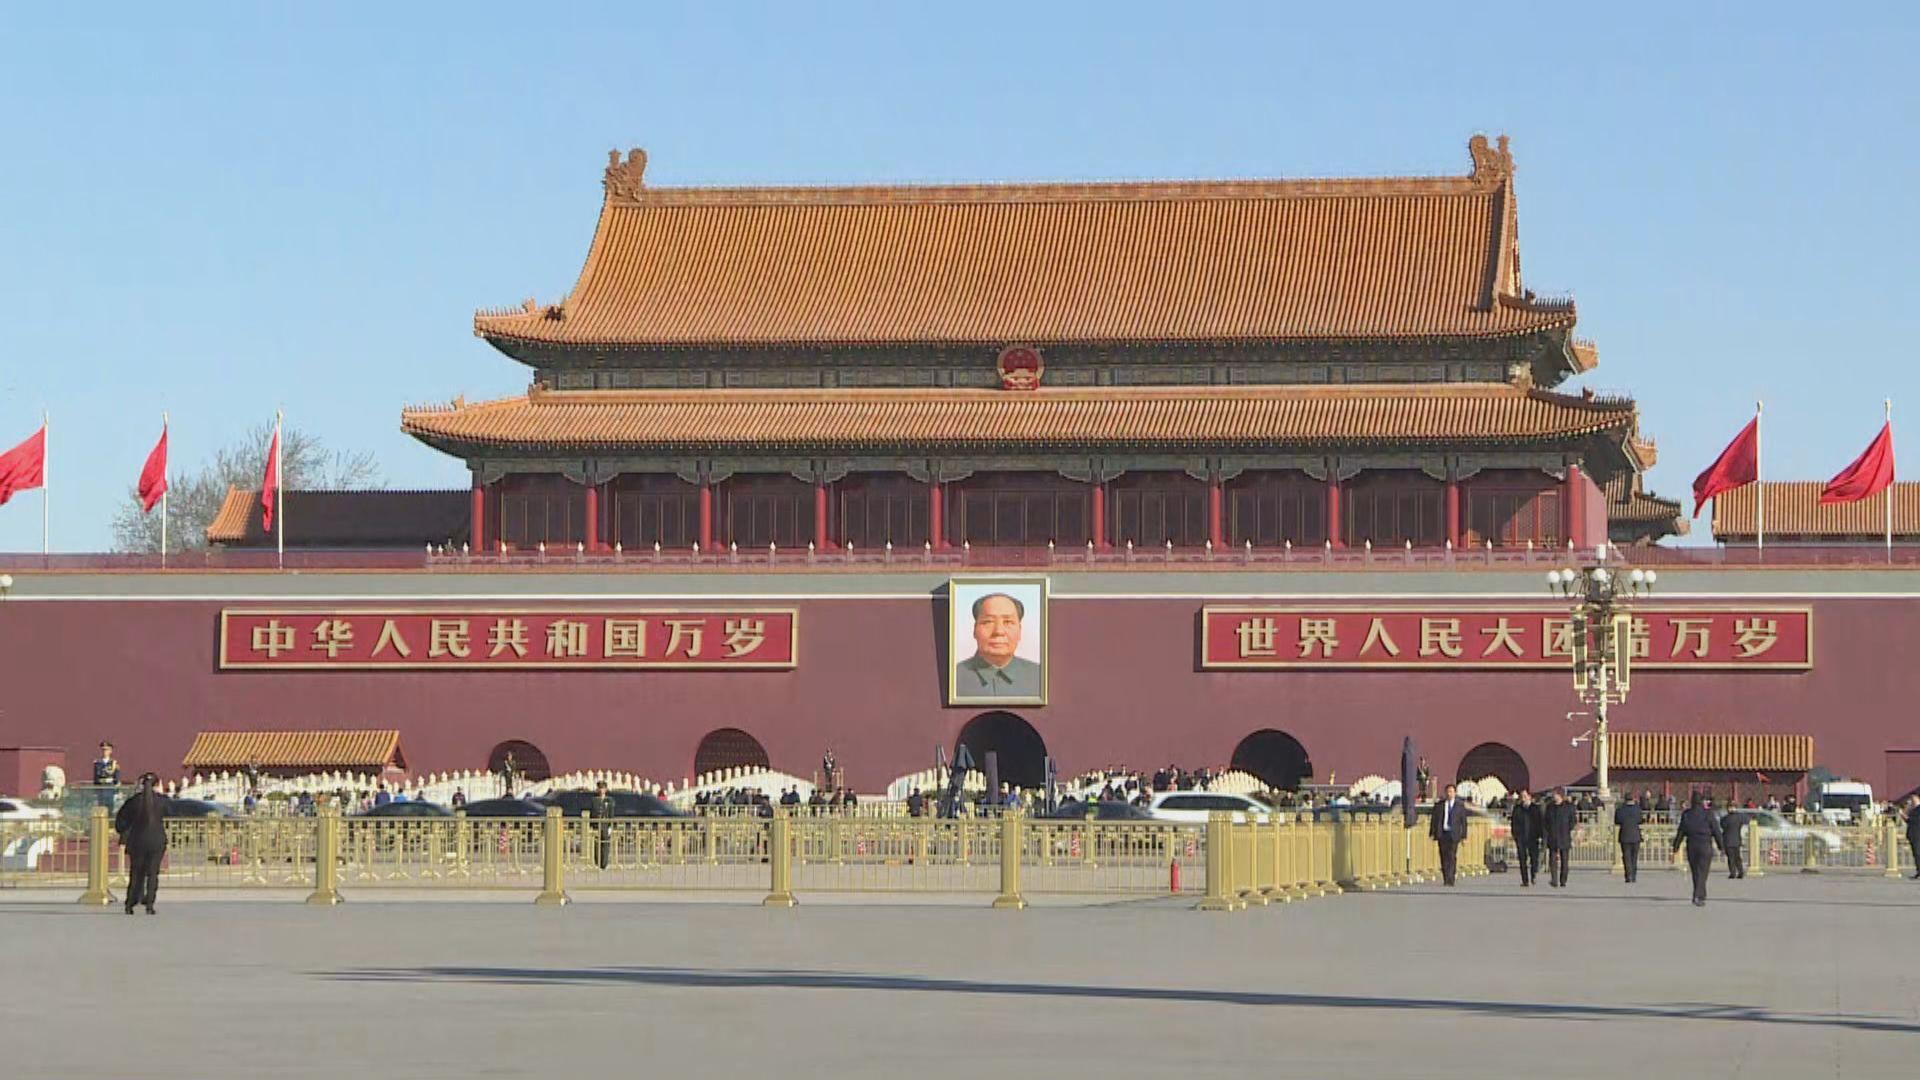 中國宣布制裁蓬佩奧等28人